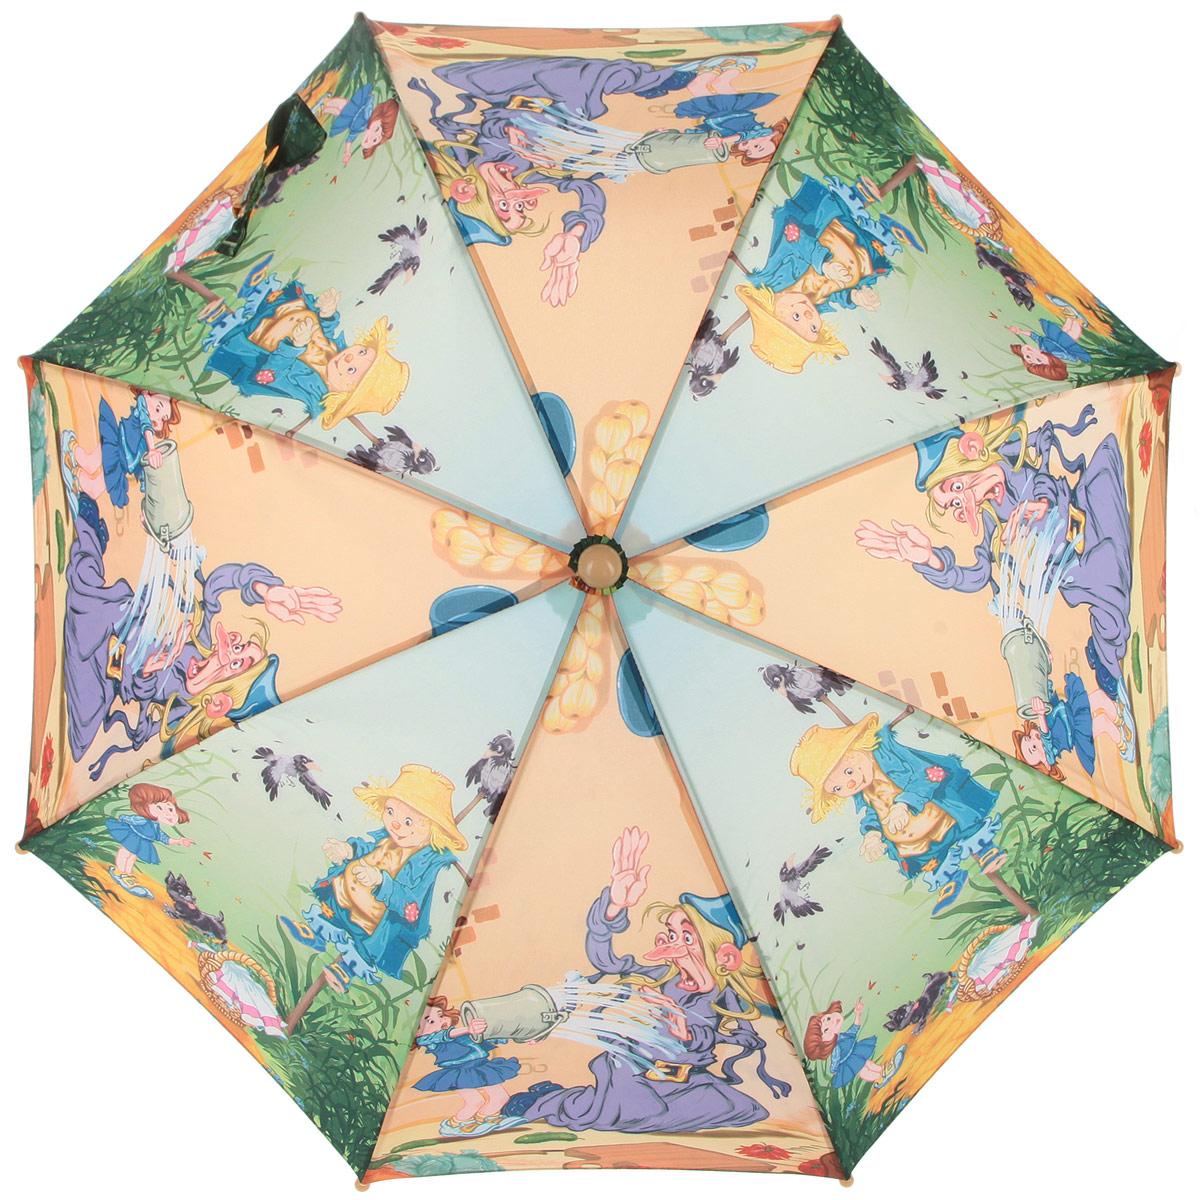 Зонт-трость детский Zest, цвет: зеленый, желтый, фиолетовый. 21665-0421665-04Красочный детский зонт-трость ZEST выполнен из металла и пластика, оформлен принтом с изображениями героев известнейших сказок. Каркас зонта выполнен из восьми спиц, стержень из стали. На концах спиц предусмотрены пластиковые элементы, которые защитят малыша от травм. Купол зонта изготовлен прочного полиэстера. Закрытый купол застегивается на липучку хлястиком. Практичная глянцевая рукоятка закругленной формы разработана с учетом требований эргономики и выполнена из пластика. Зонт имеет полуавтоматический механизм сложения: купол открывается нажатием кнопки на рукоятке, а закрывается вручную до характерного щелчка.